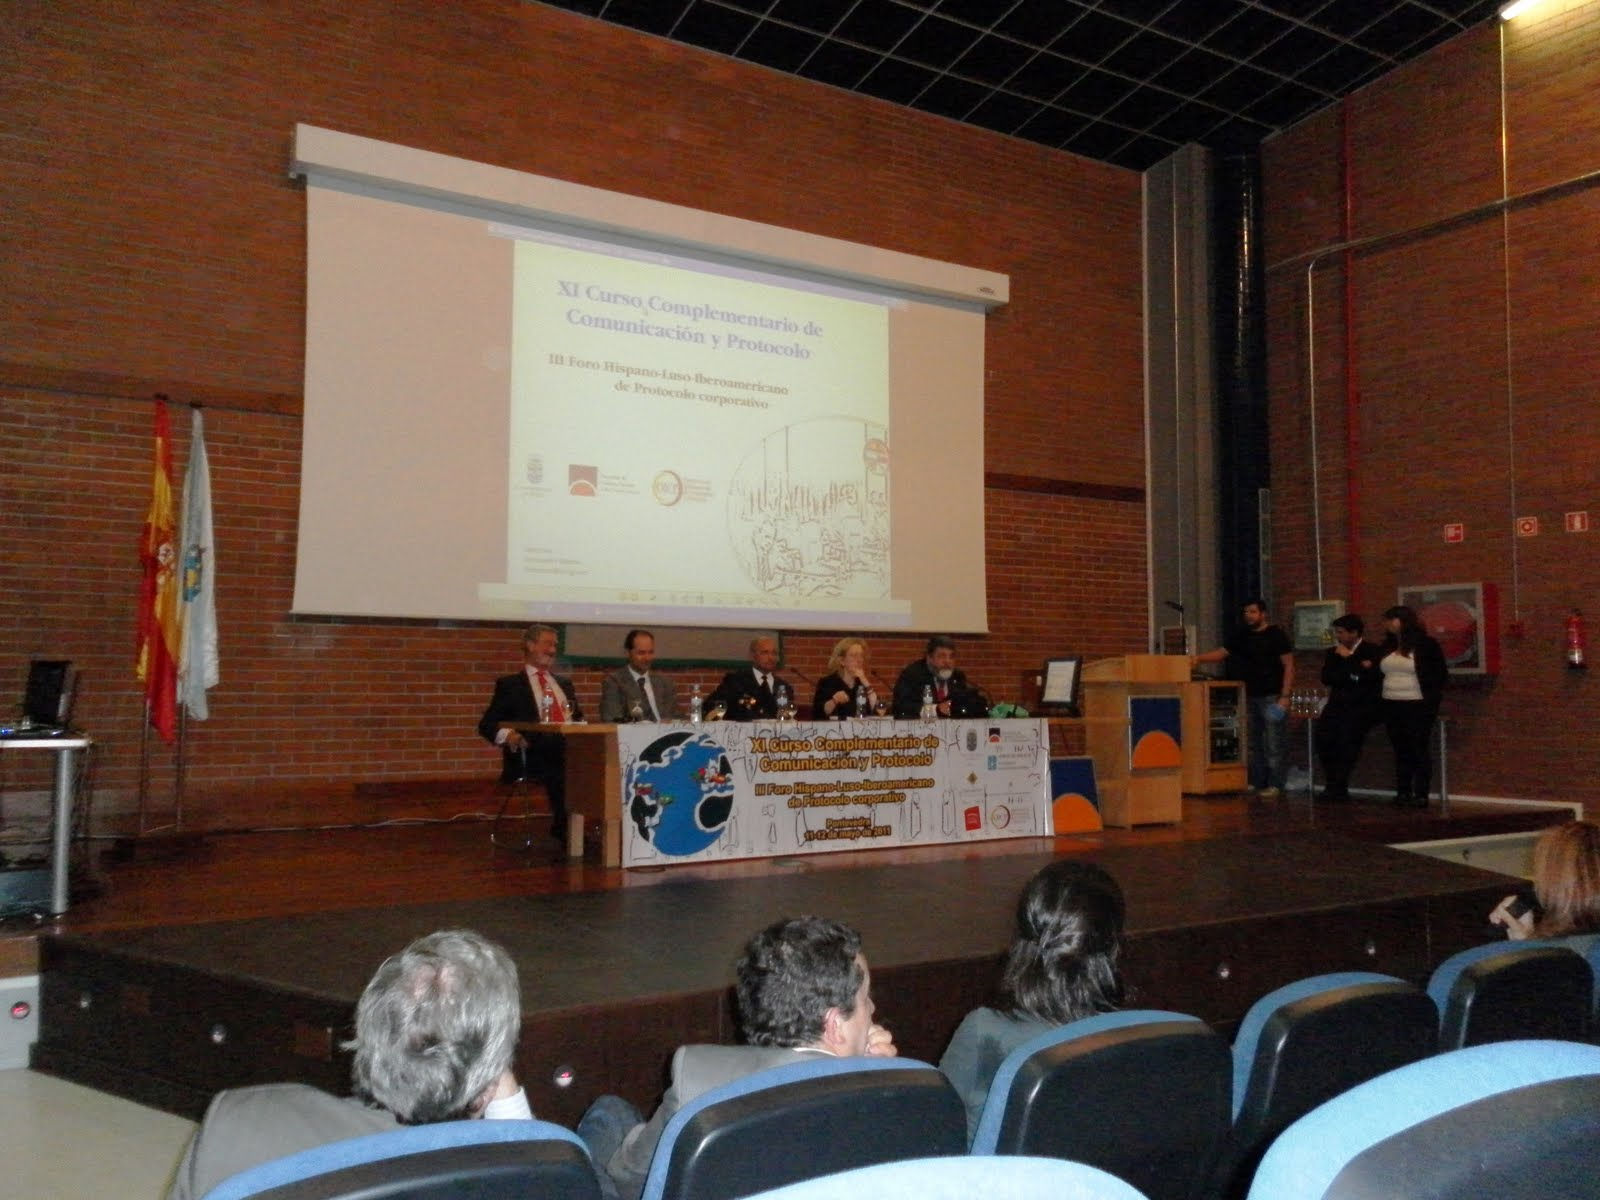 Foro de protocolo y comunicación en la Universidad de Vigo, por Olga Casal